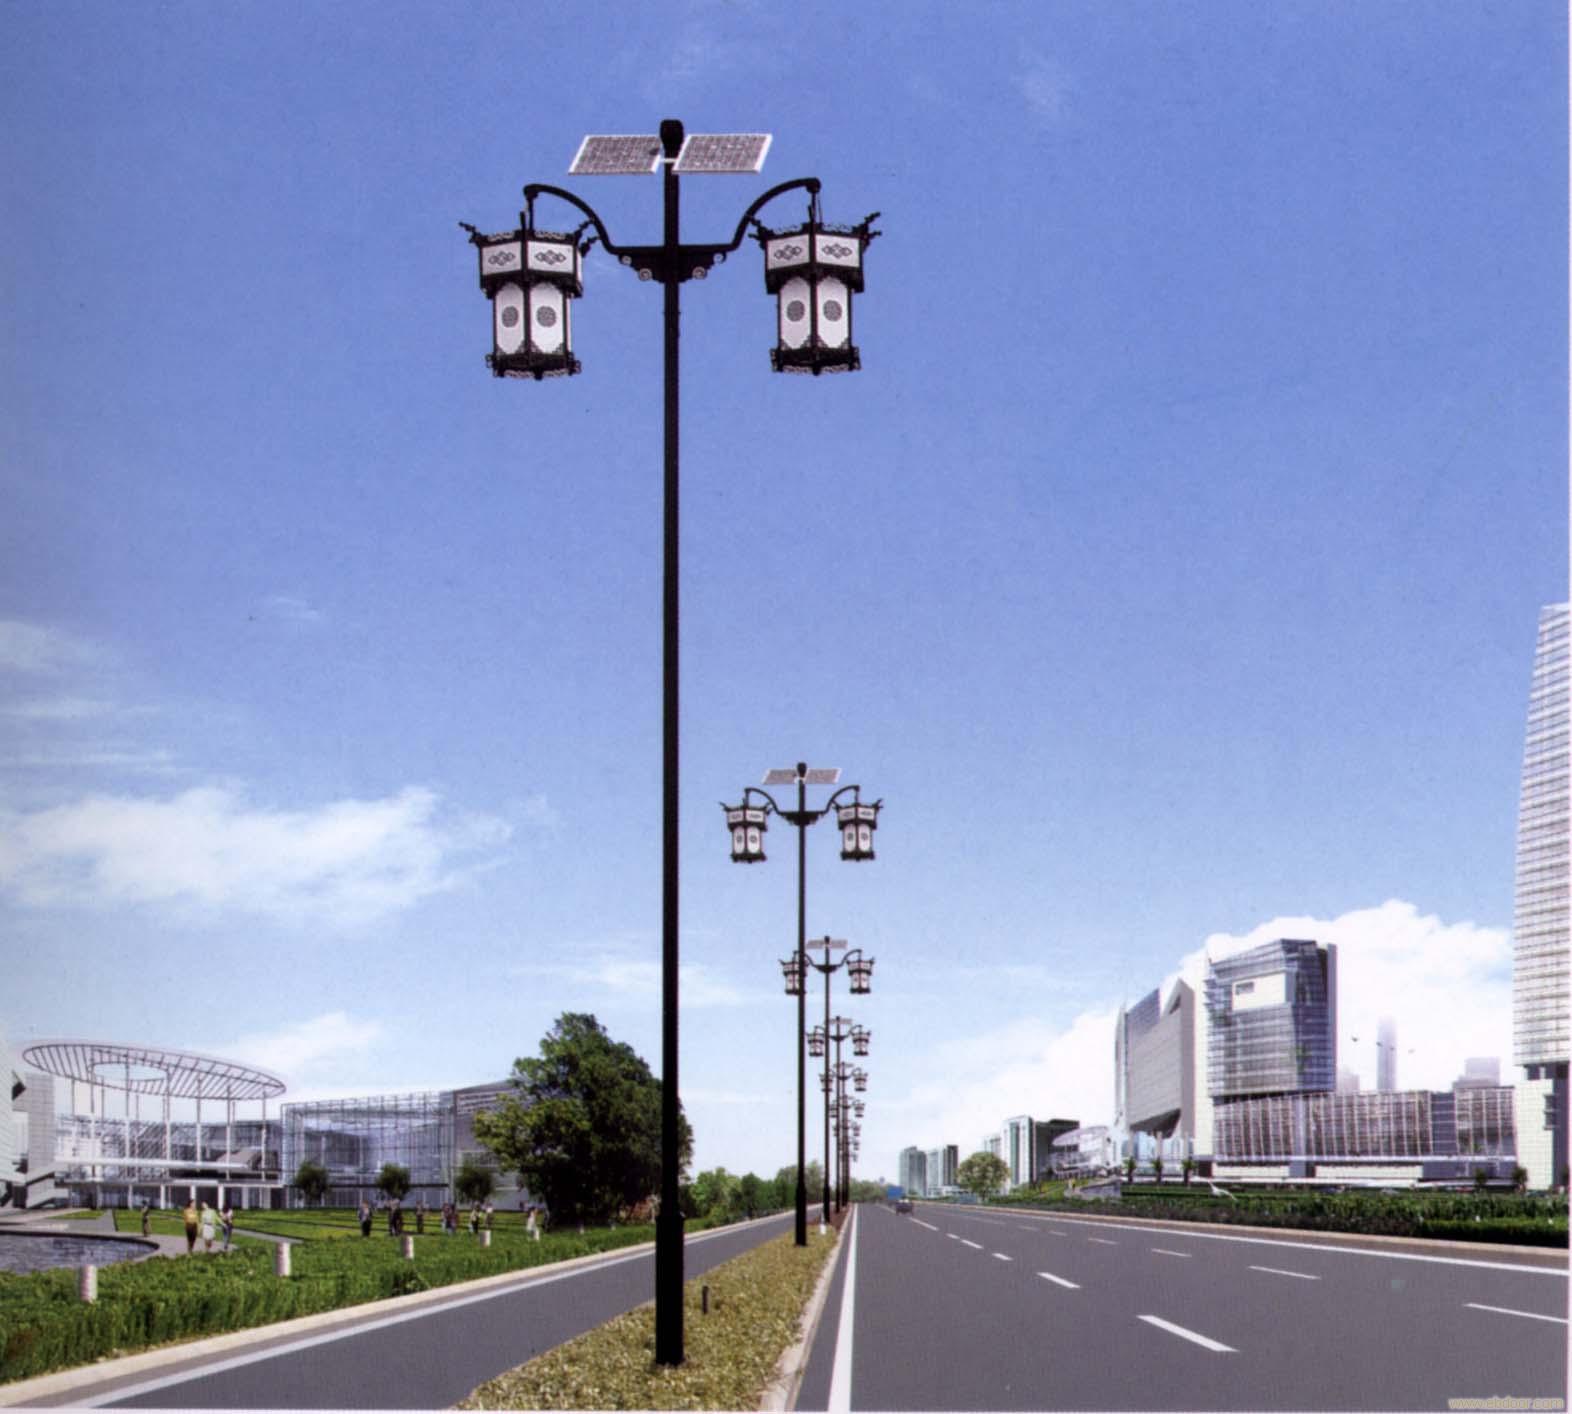 镇路灯销售/太阳能路灯维修